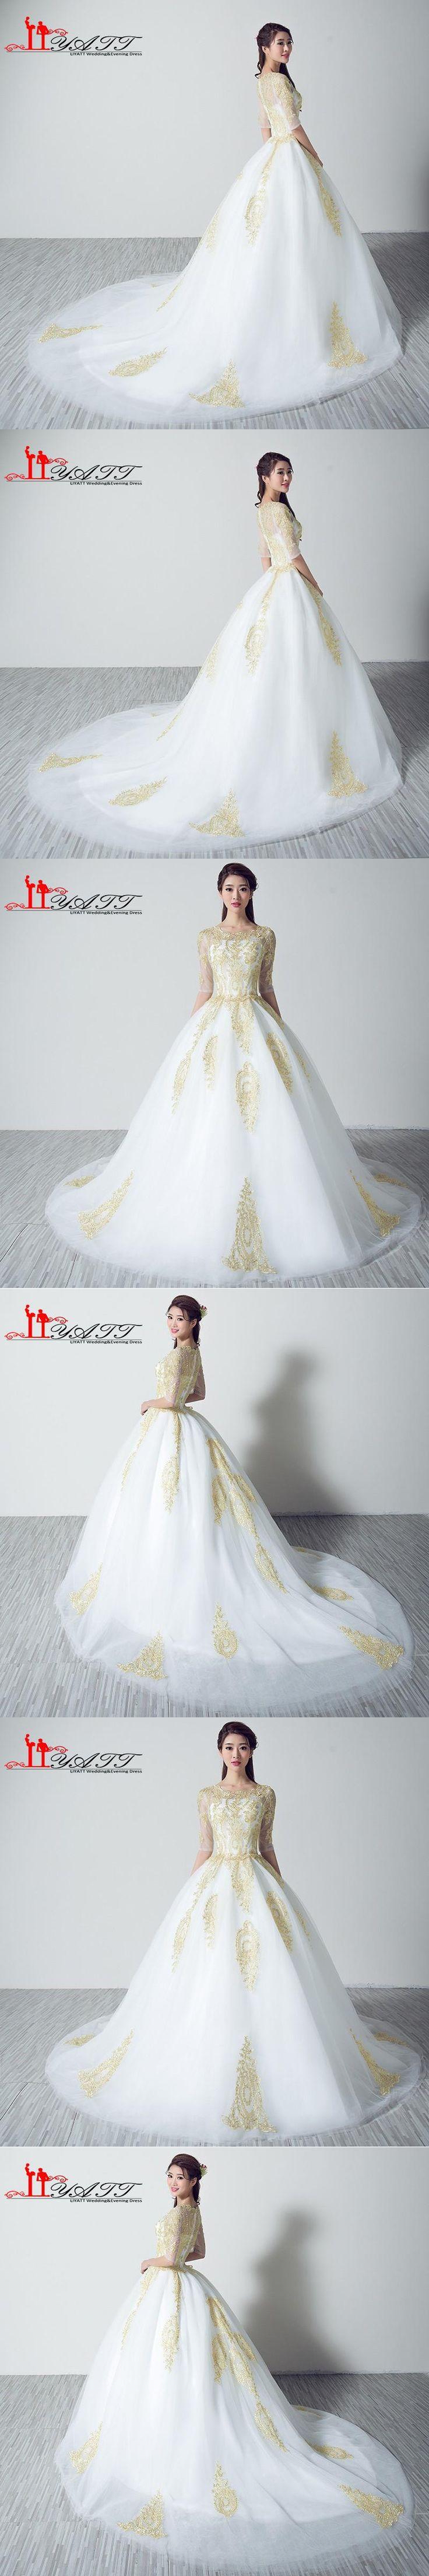 33 besten Wedding Dresses Bilder auf Pinterest   Hochzeiten ...